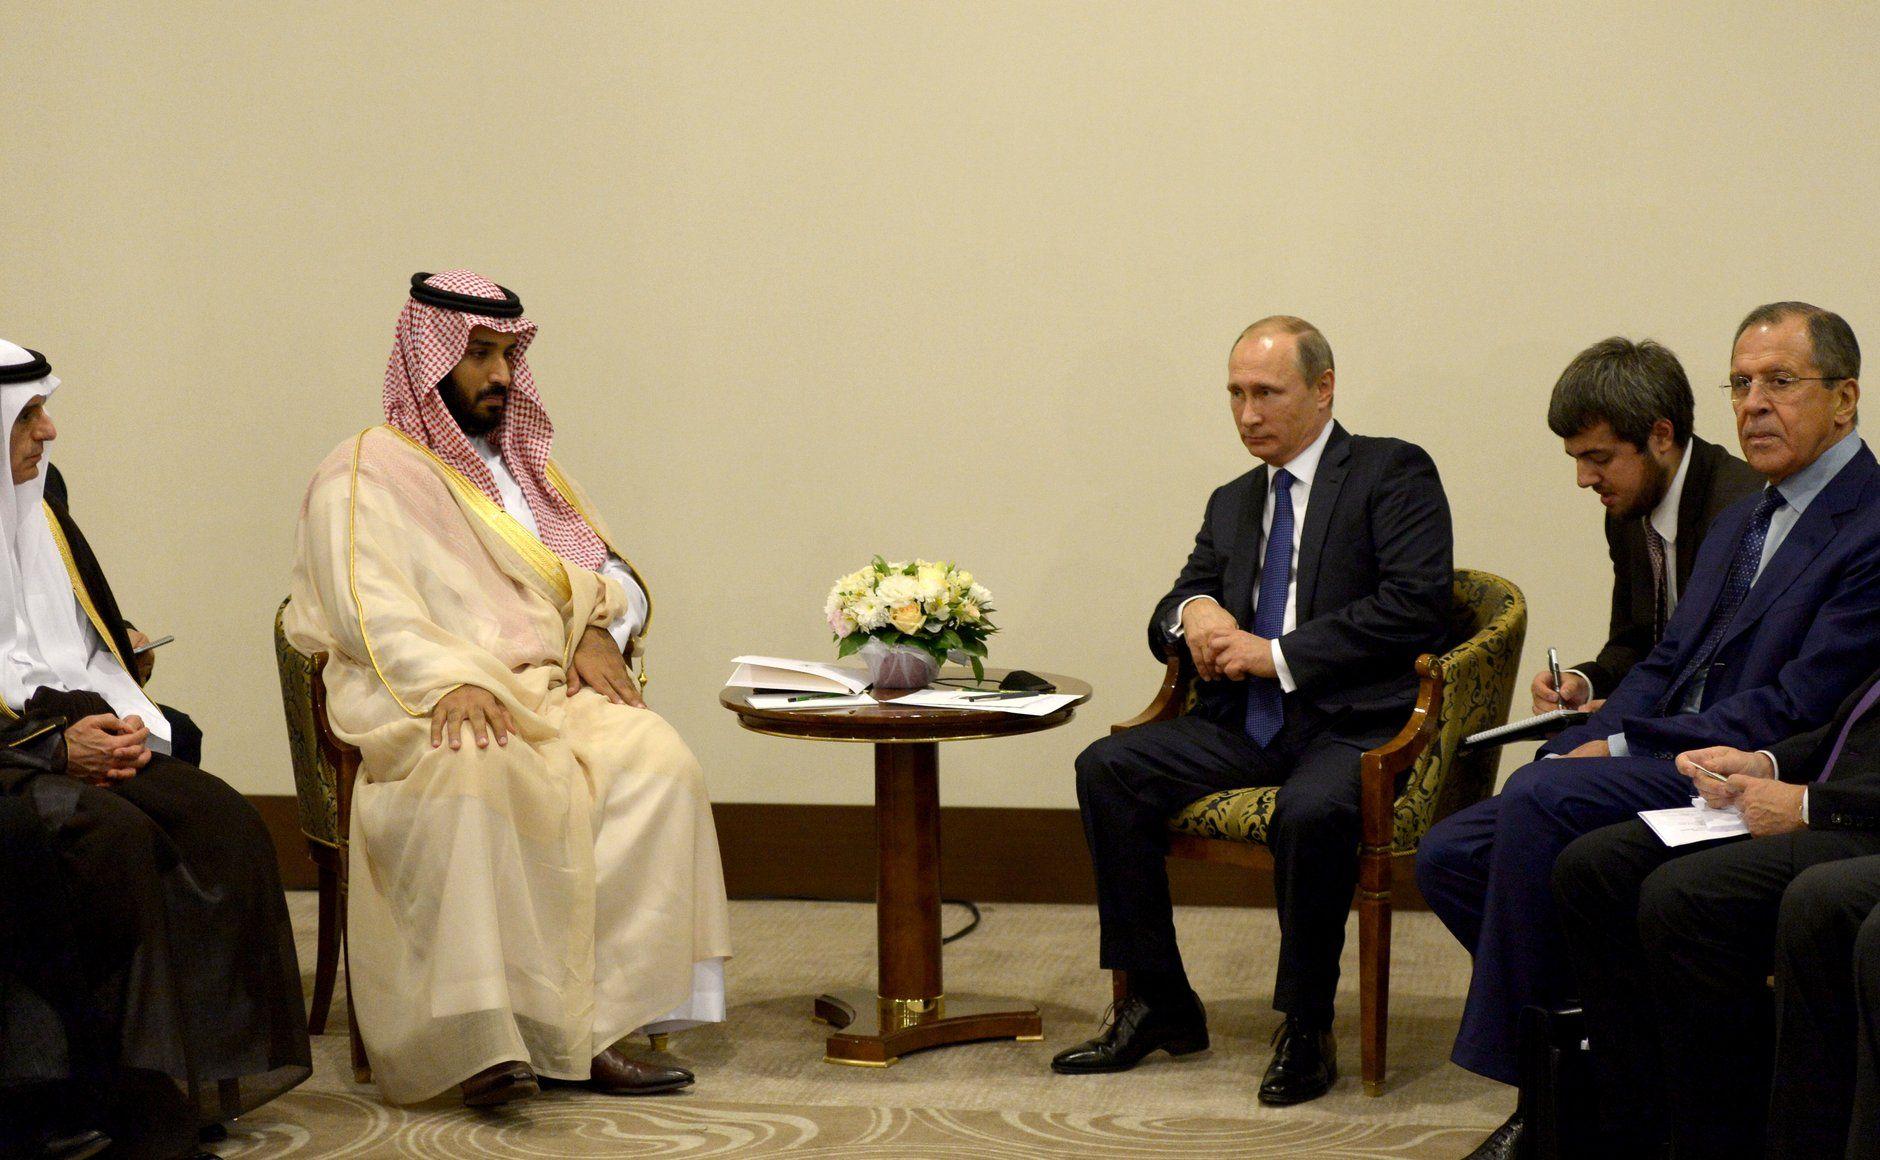 Встреча Владимира Путина с заместителем Наследного принца, вторым заместителем премьер-министра и Министром обороны Саудовской Аравии Мухаммадом ибн Салманом Аль Саудом.